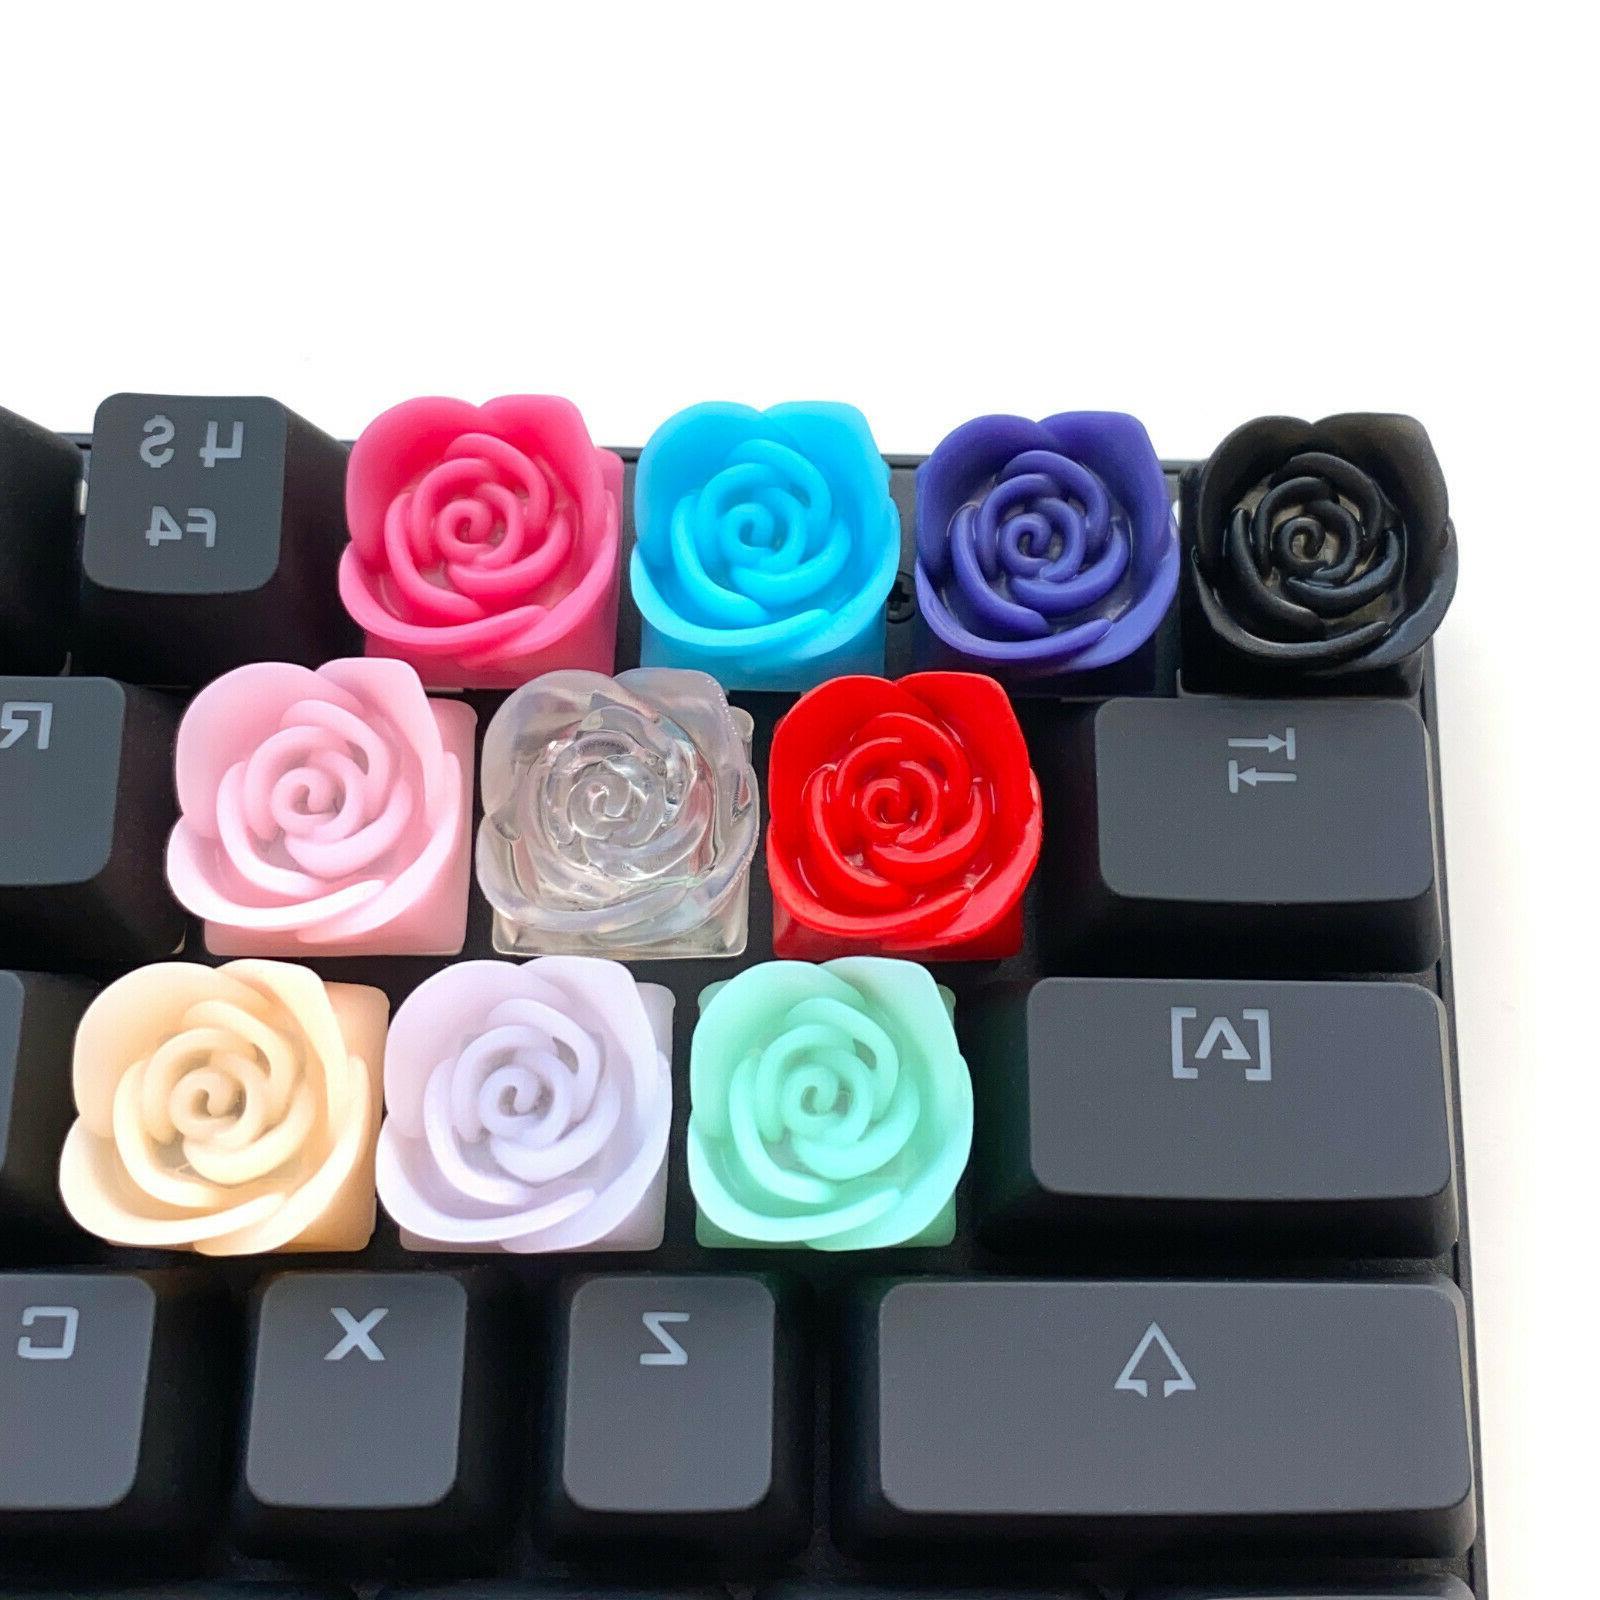 Rose Artisan Cherry MX Keyboards